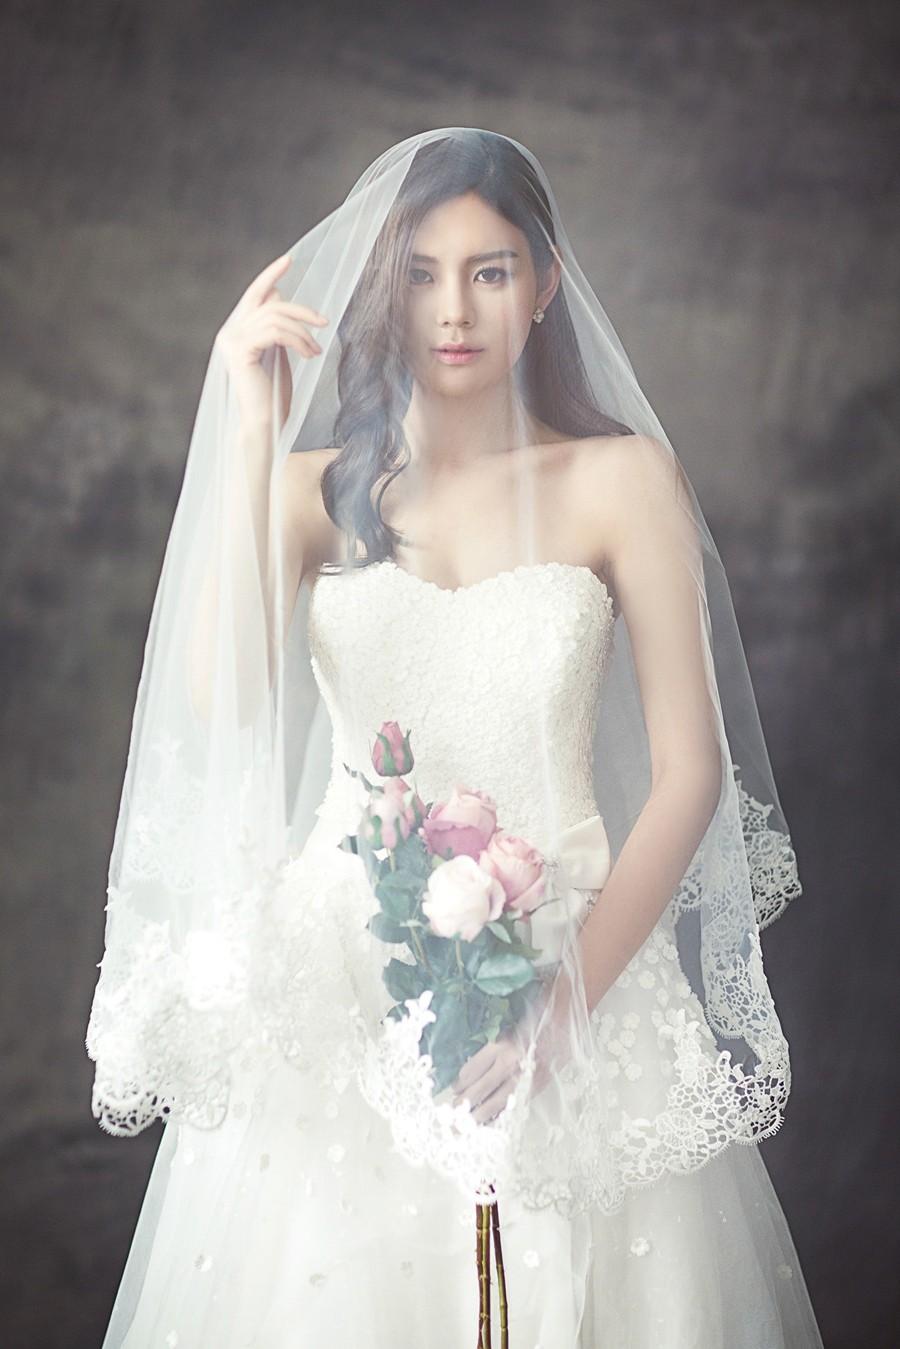 Dlouhý závoj si mohou dovolit spíše vysoké hubené nevěsty.